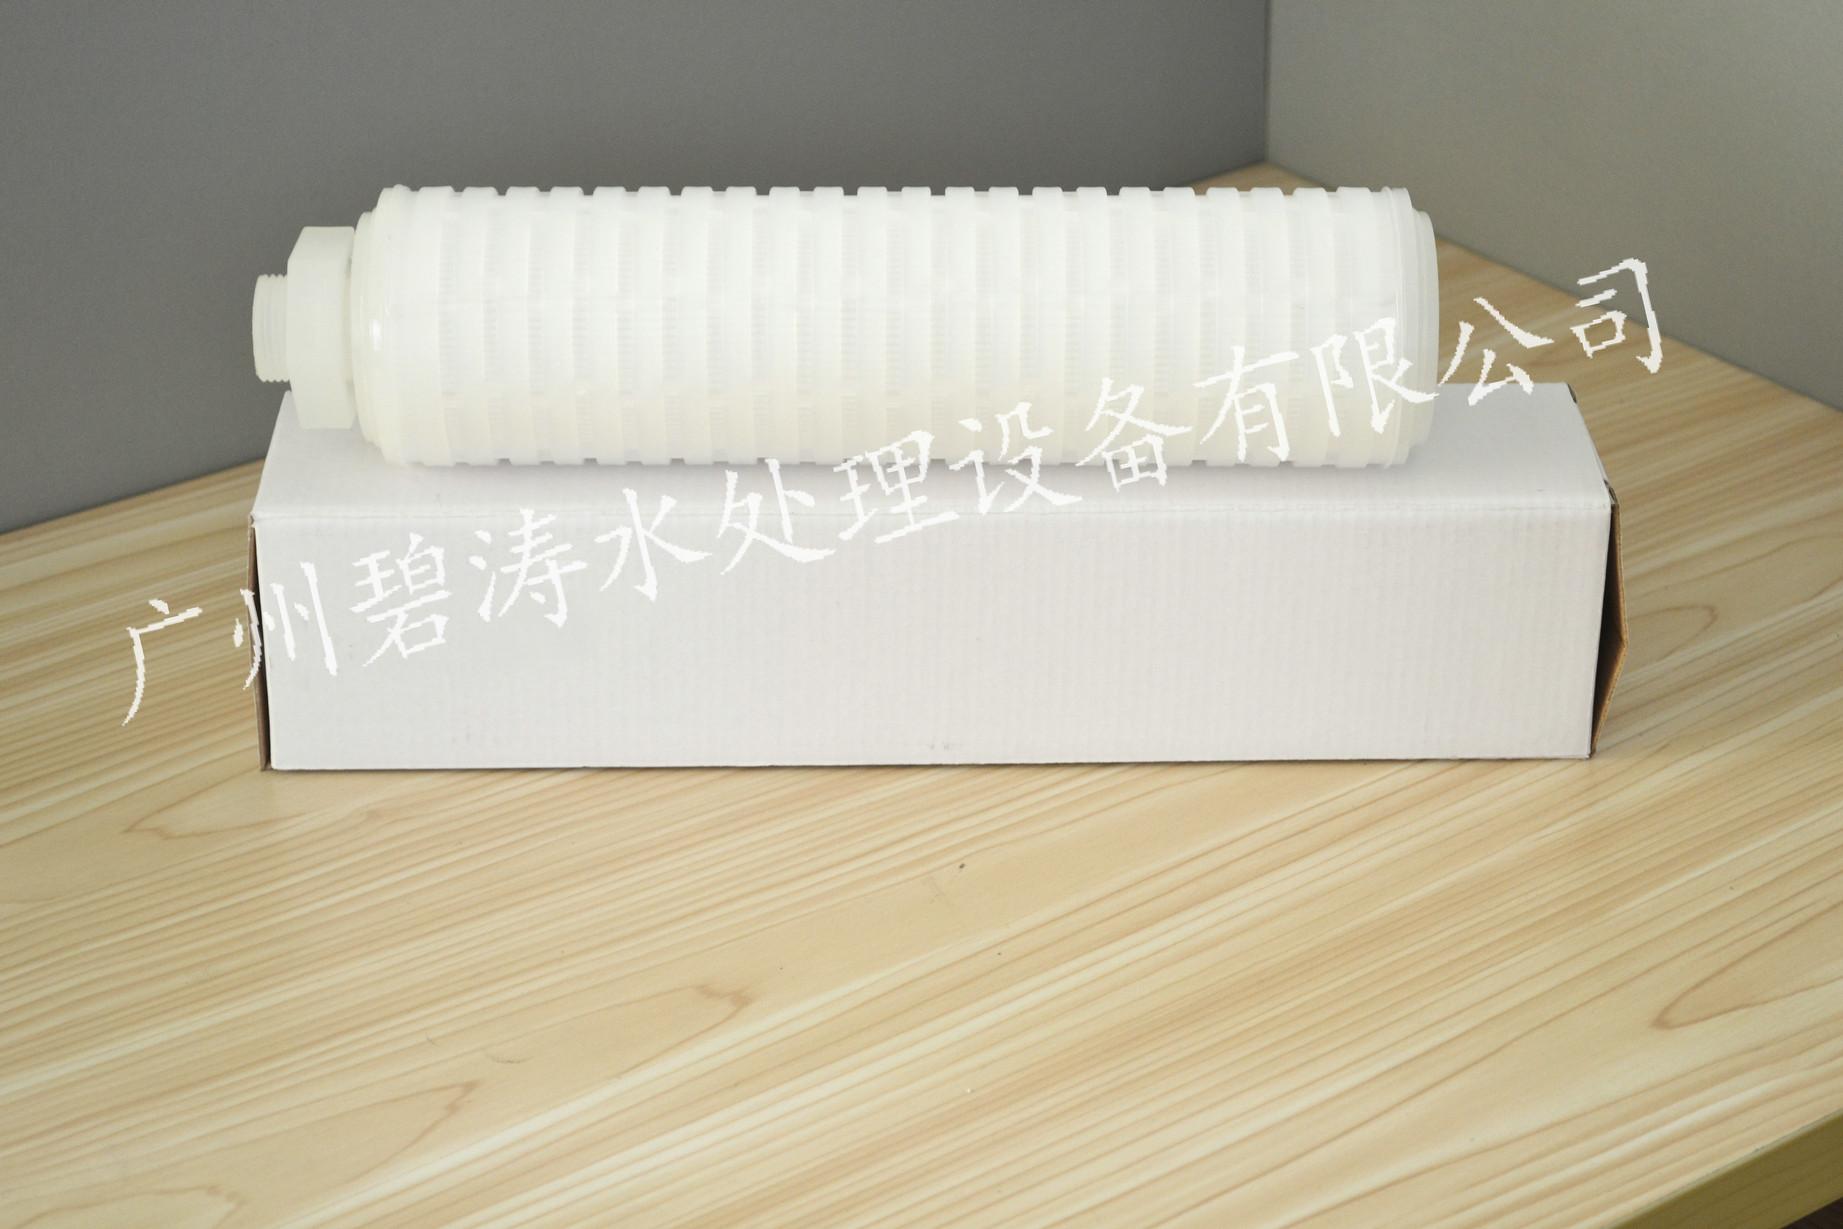 螺纹口+平密封 PP折叠滤芯 10寸